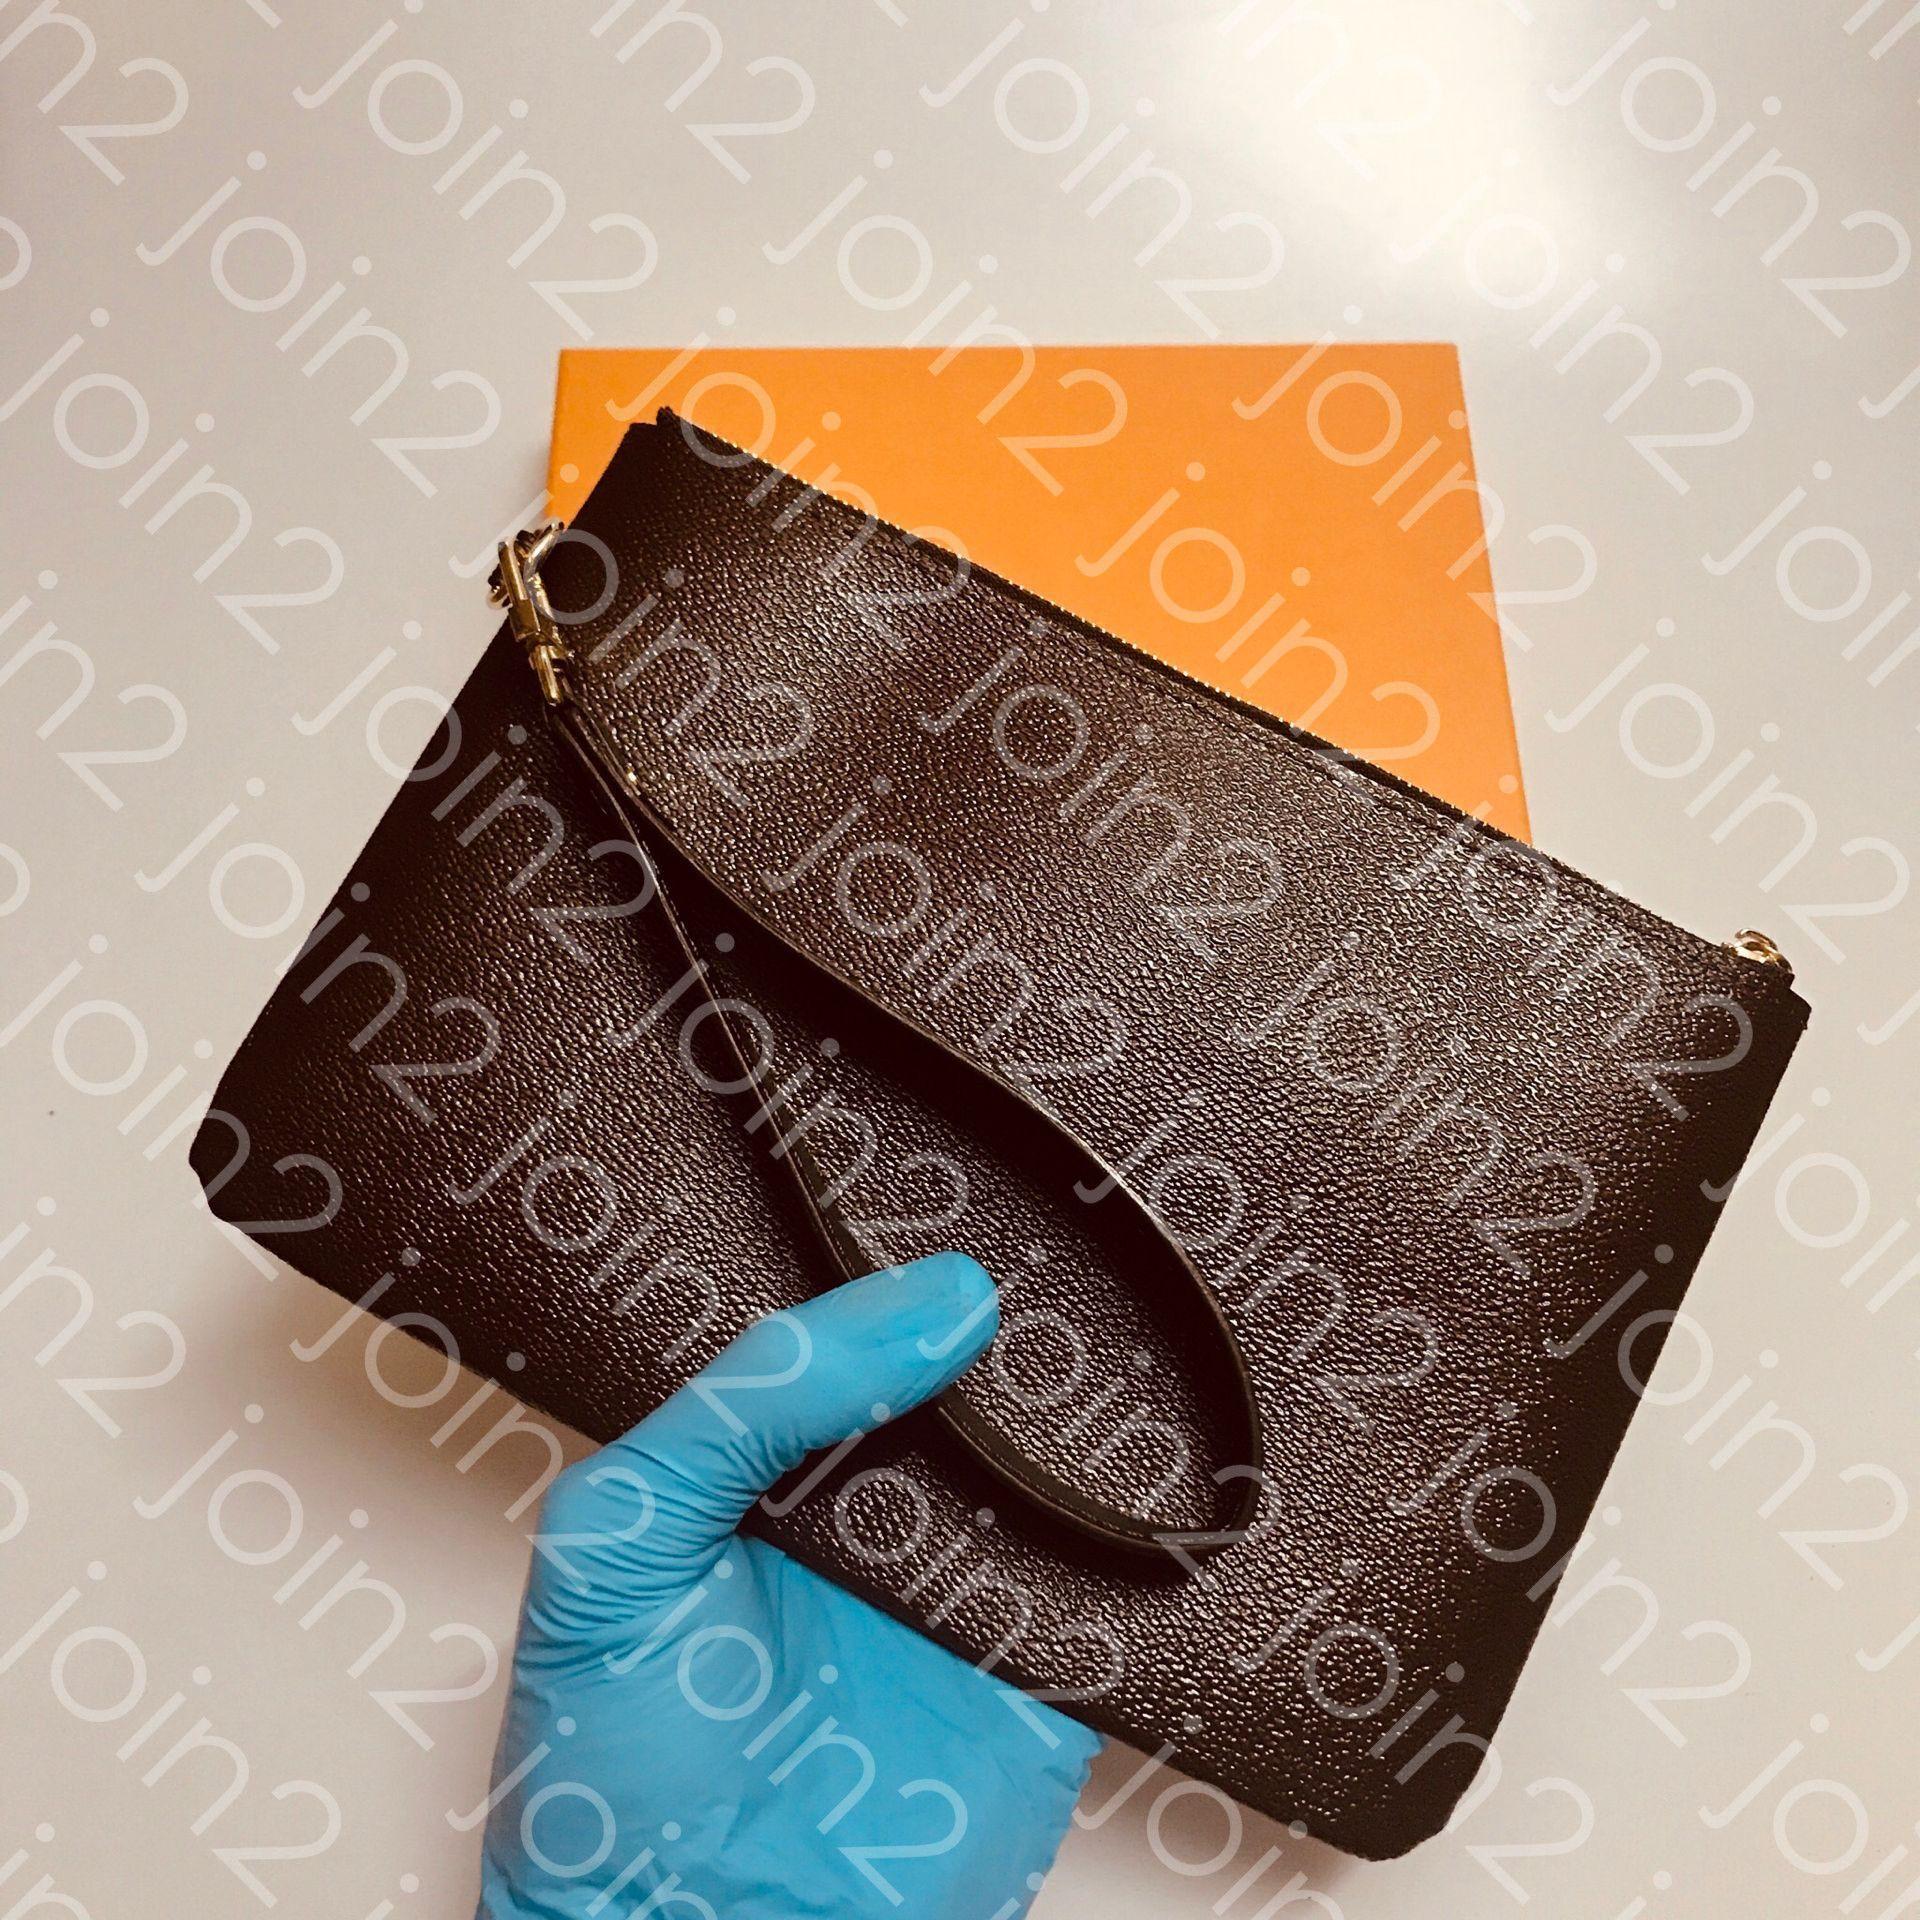 City Bolsa de Alta Qualidade Moda Fashion Womens Diário Bolsa de Telefone Celular Bag Pochette Acessórios Embreagem Marrom À Prova D 'Água Quadriculado Canvas M63447